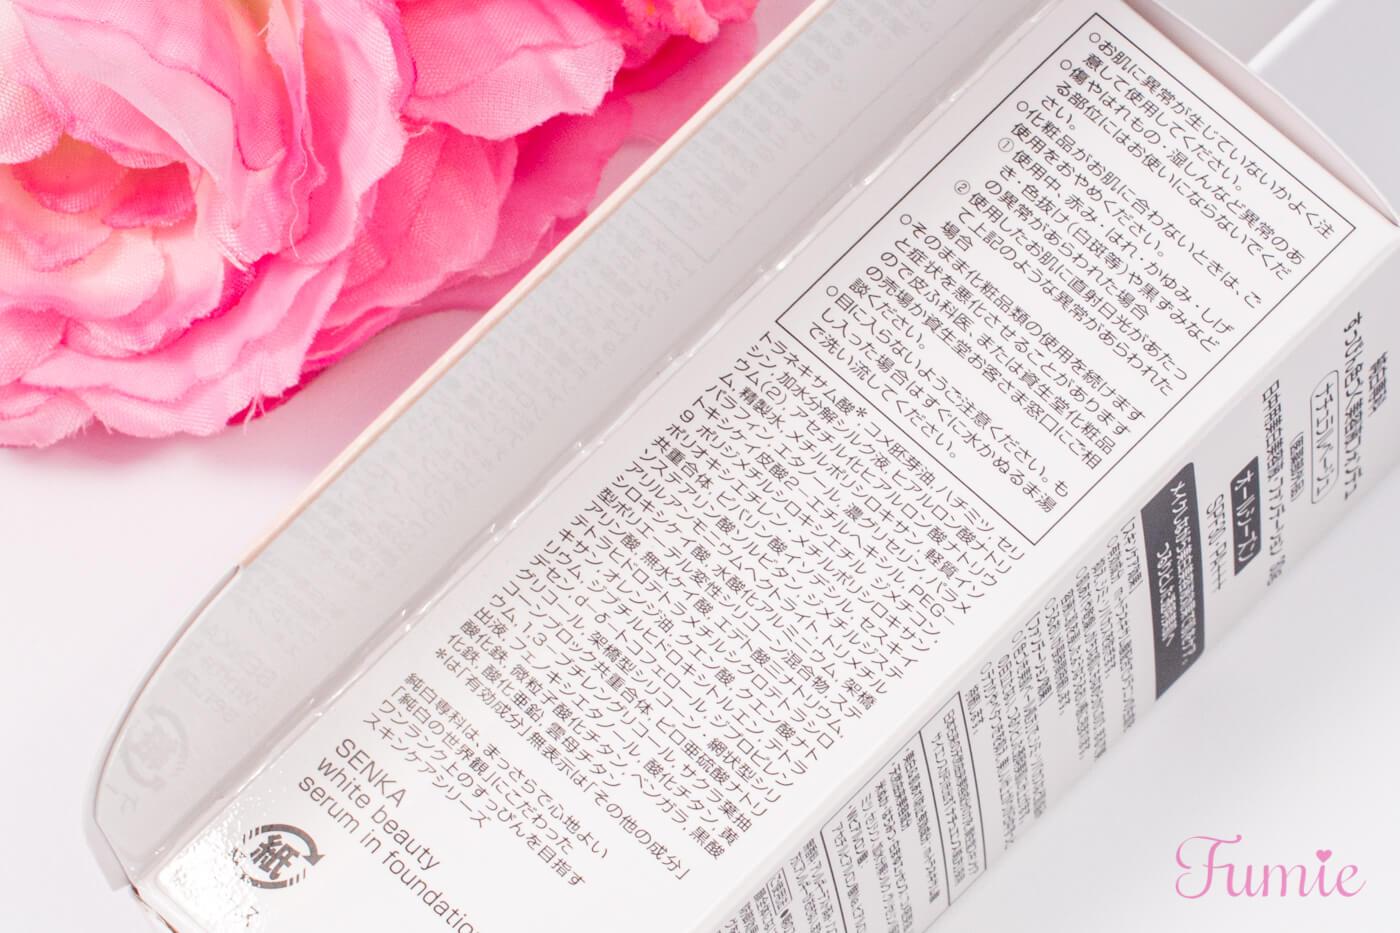 純白専科 すっぴん色づく美容液フォンデュ #ナチュラルベージュ 外箱側面